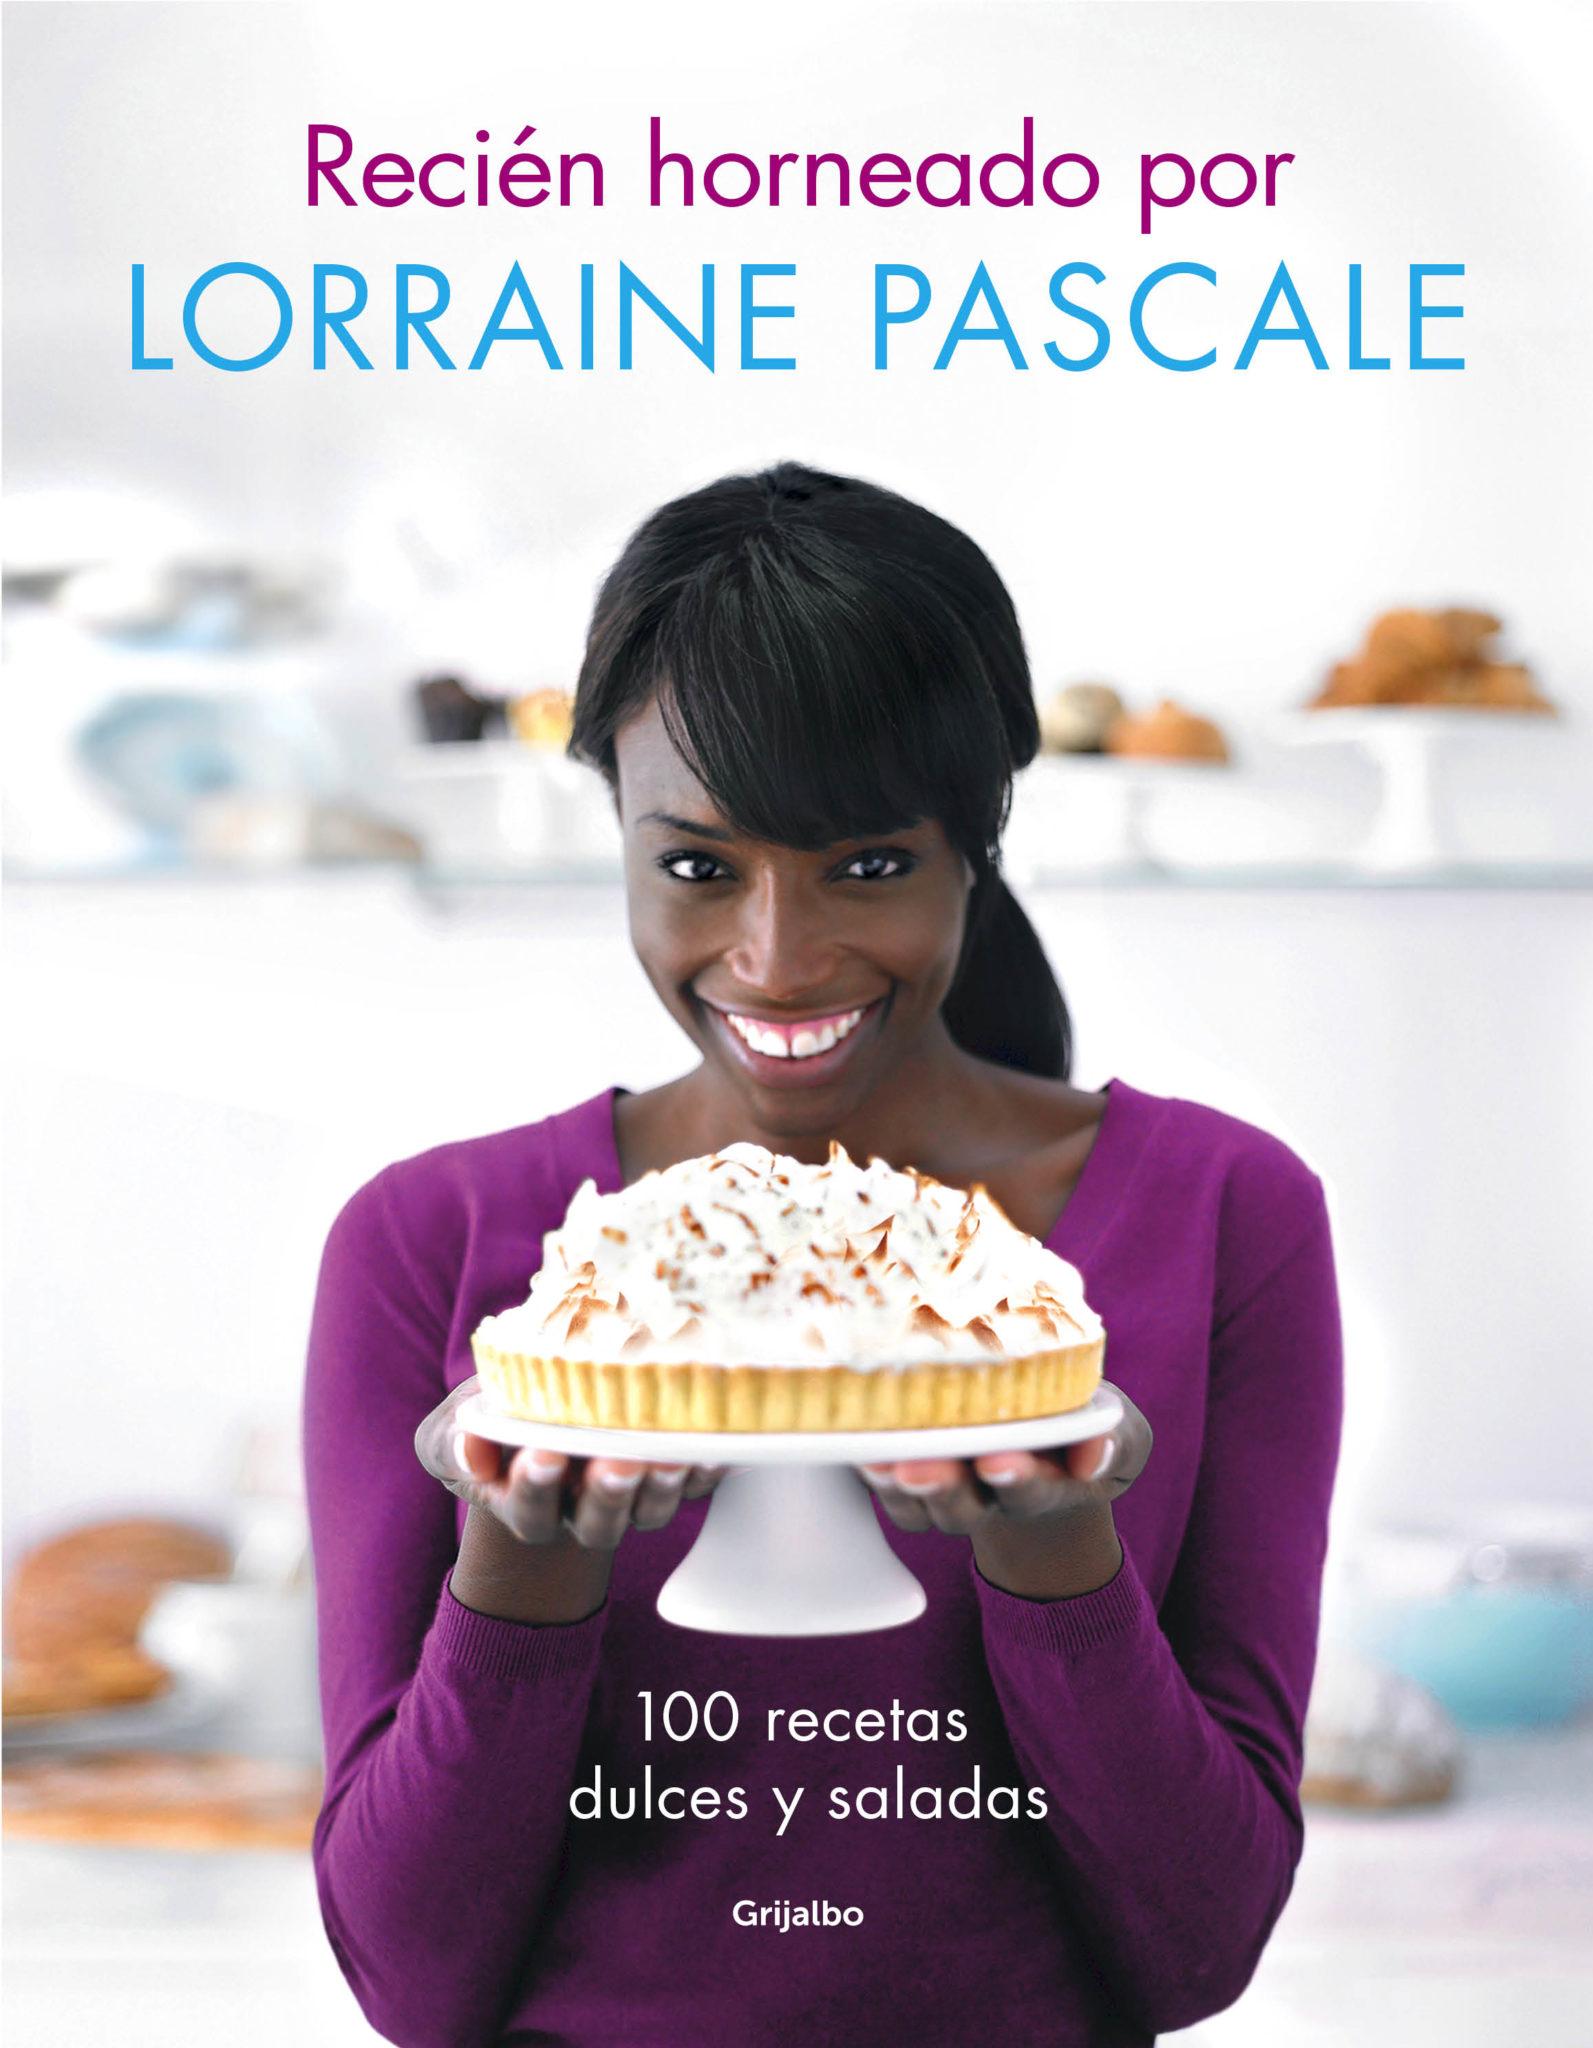 Lorraine Pascale recién horneado